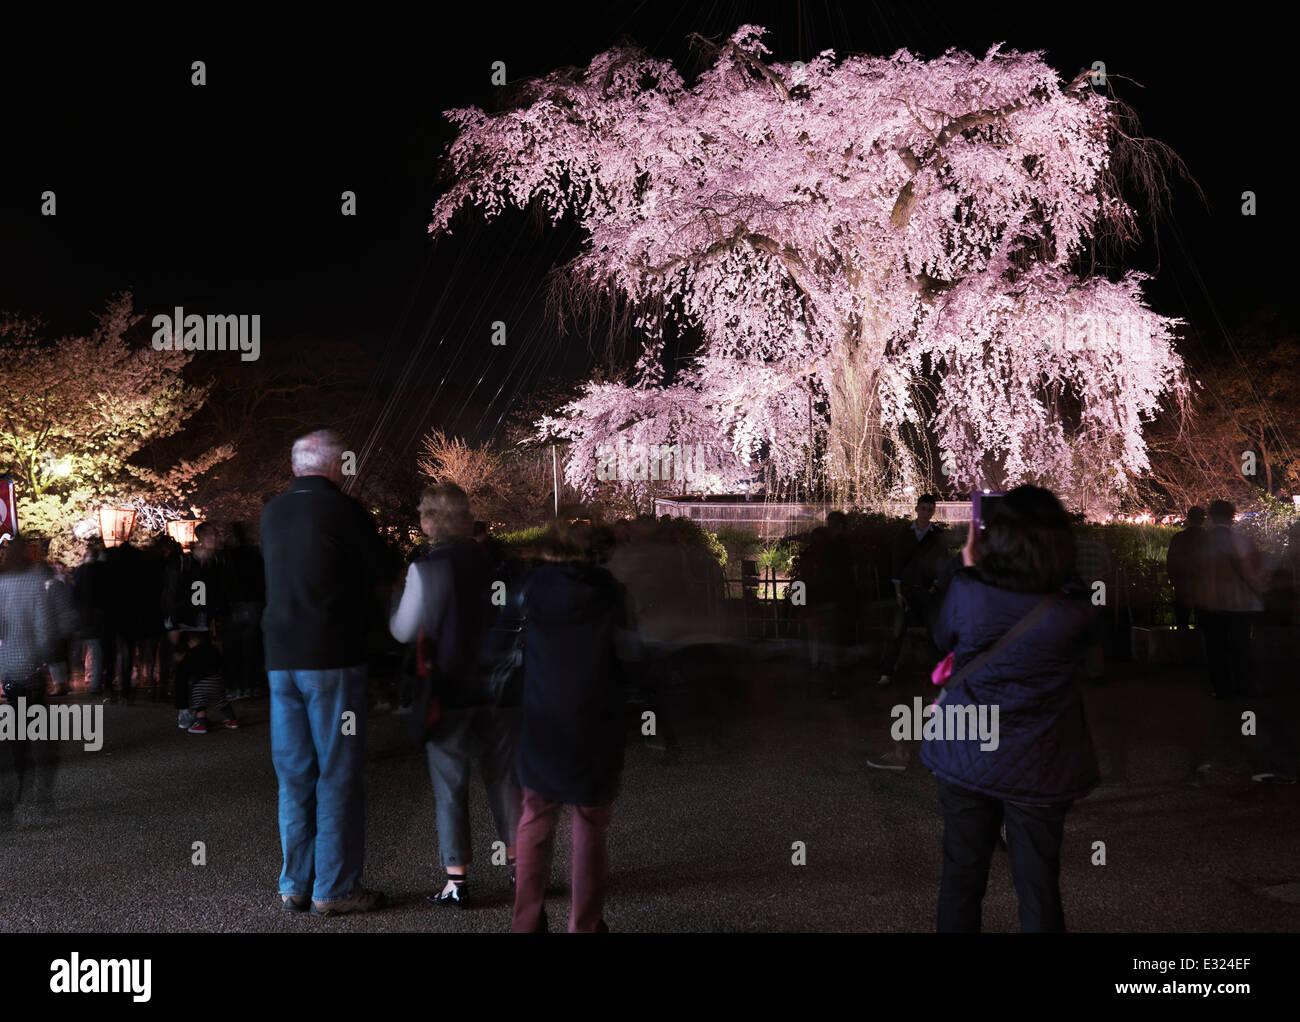 Cerisier pleureur, shidarezakura, éclairé la nuit en parc Maruyama, Gion, Kyoto, Japon 2014 Photo Stock